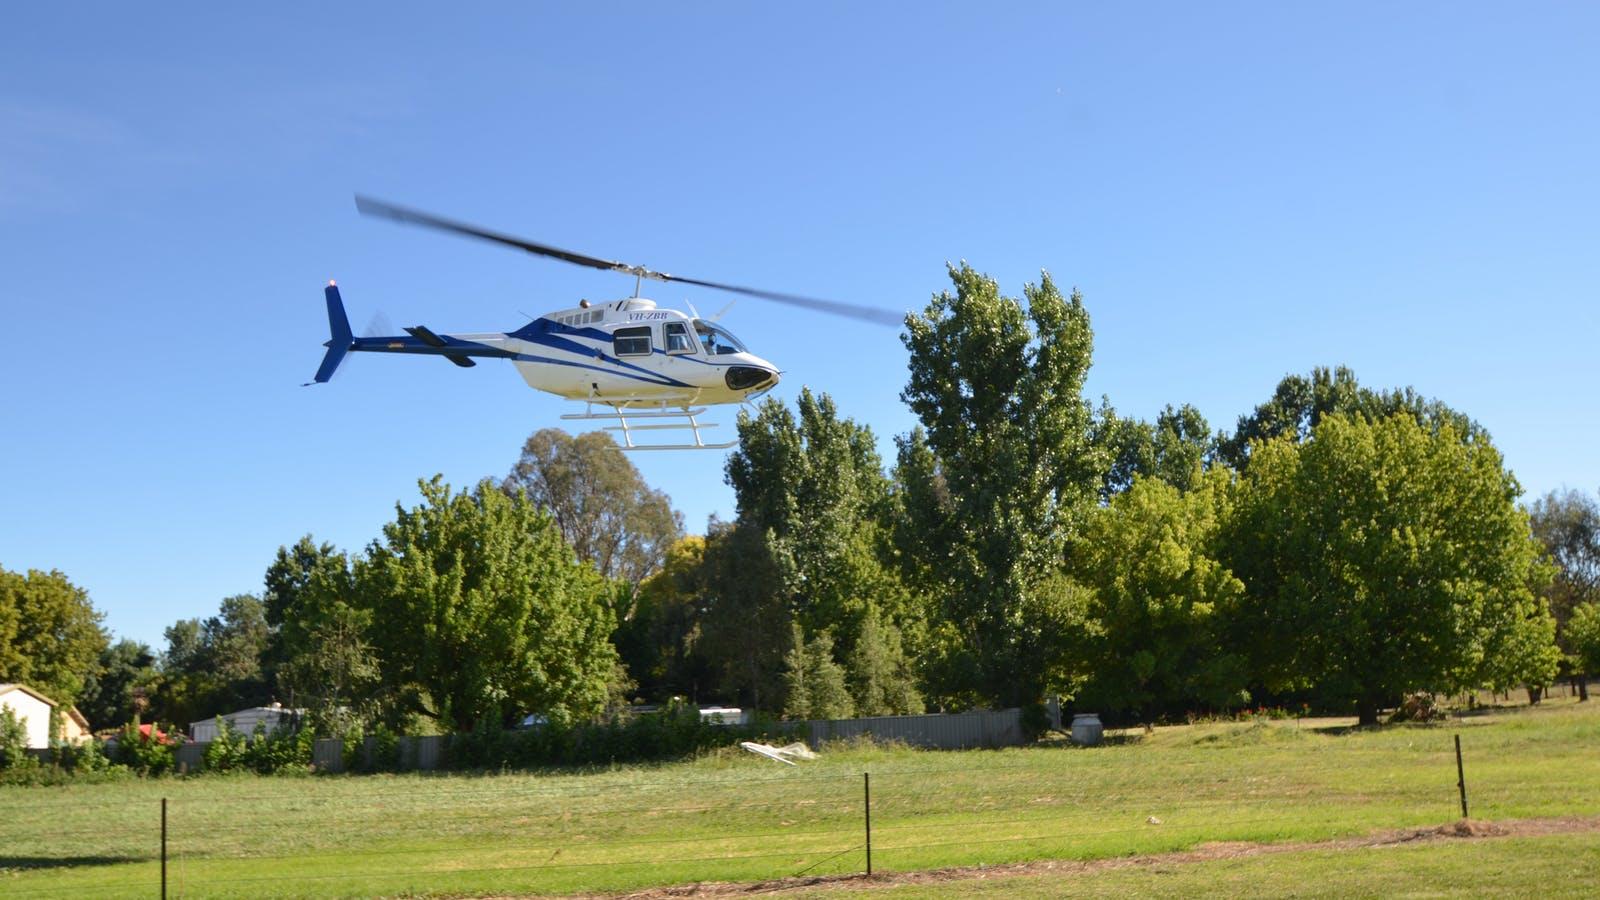 Helicopter next door